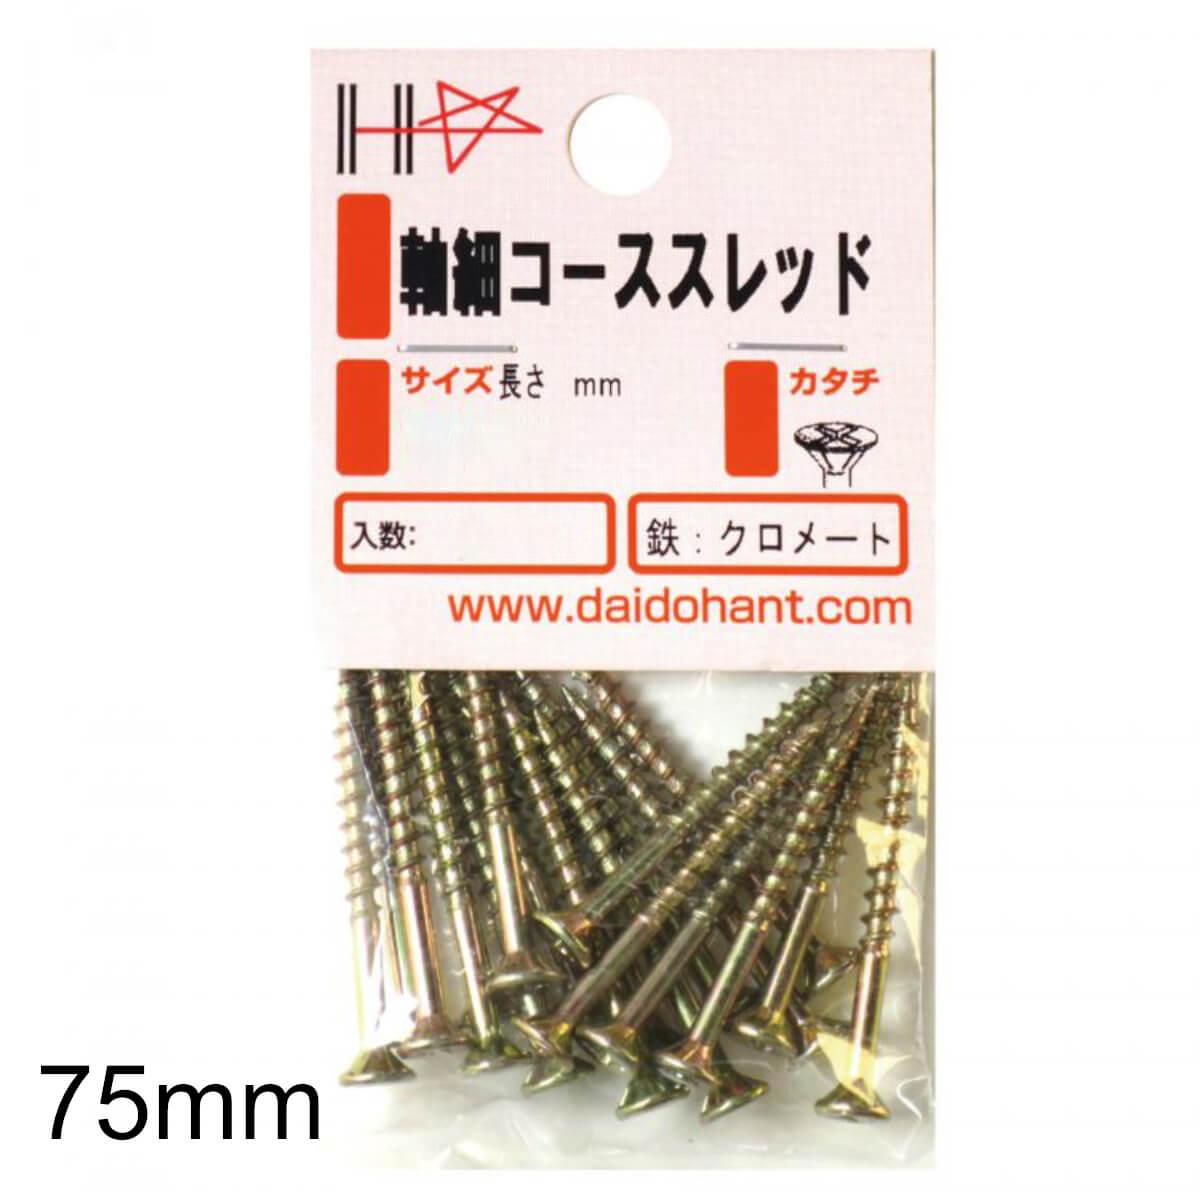 軸細コーススレッド 75mm 6本入